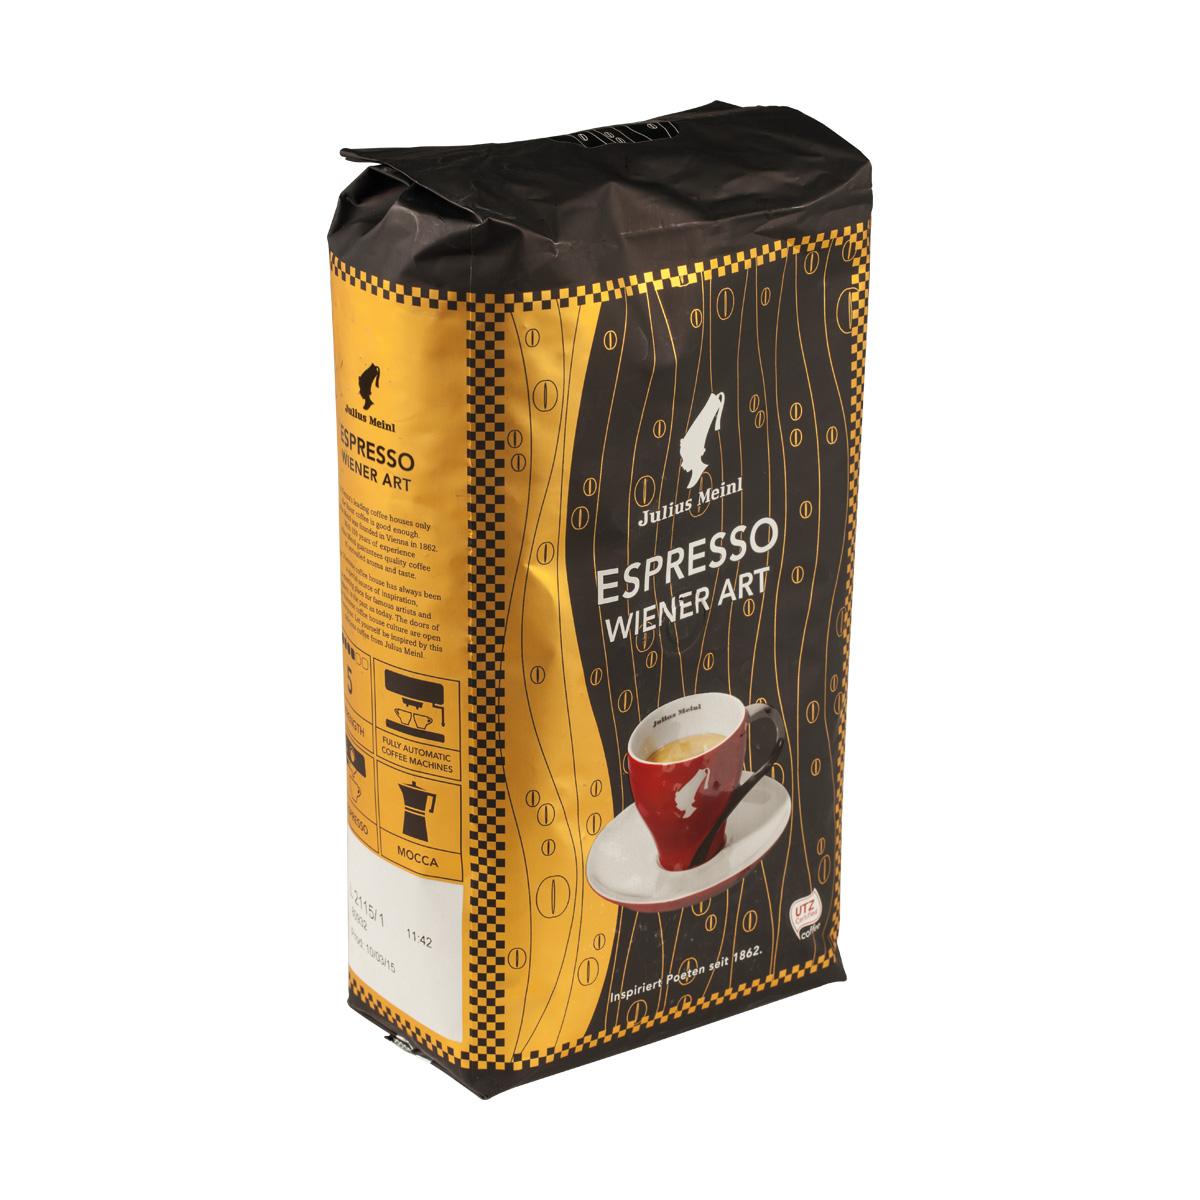 julius meinl kaffee espresso im unimarkt online shop bestellen. Black Bedroom Furniture Sets. Home Design Ideas